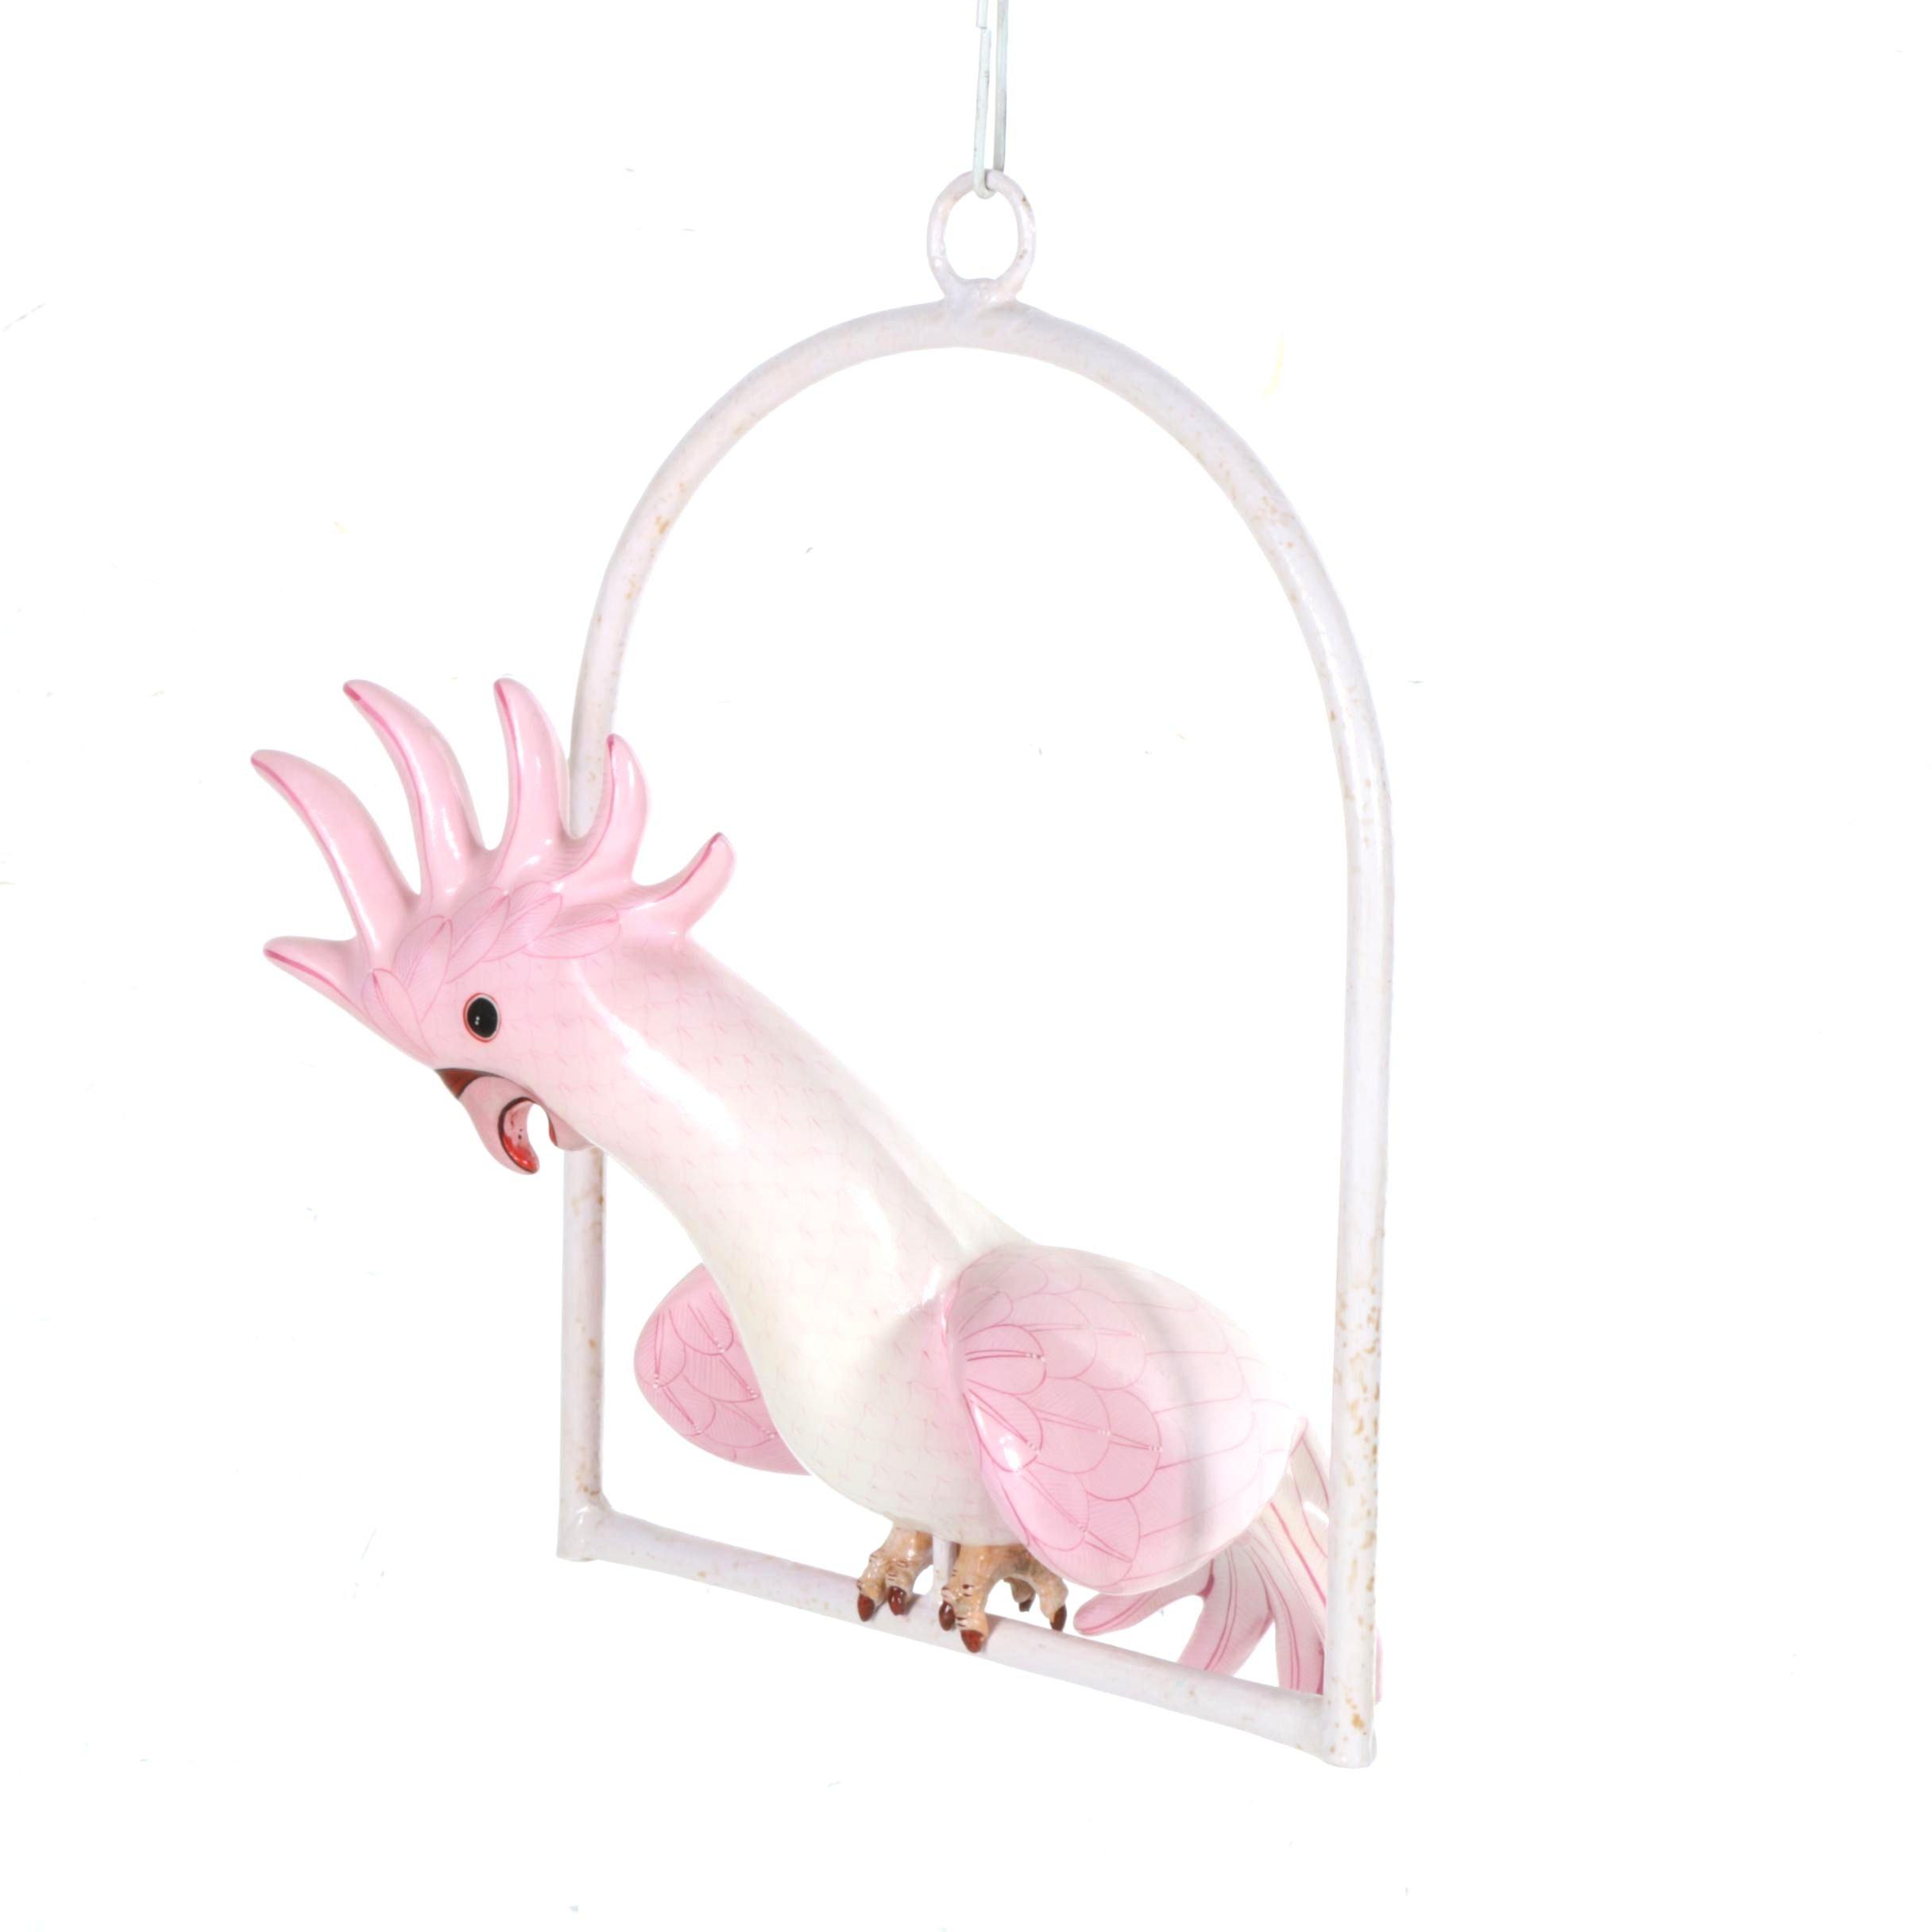 Hanging Pink Paper Mache Cockatiel Decor